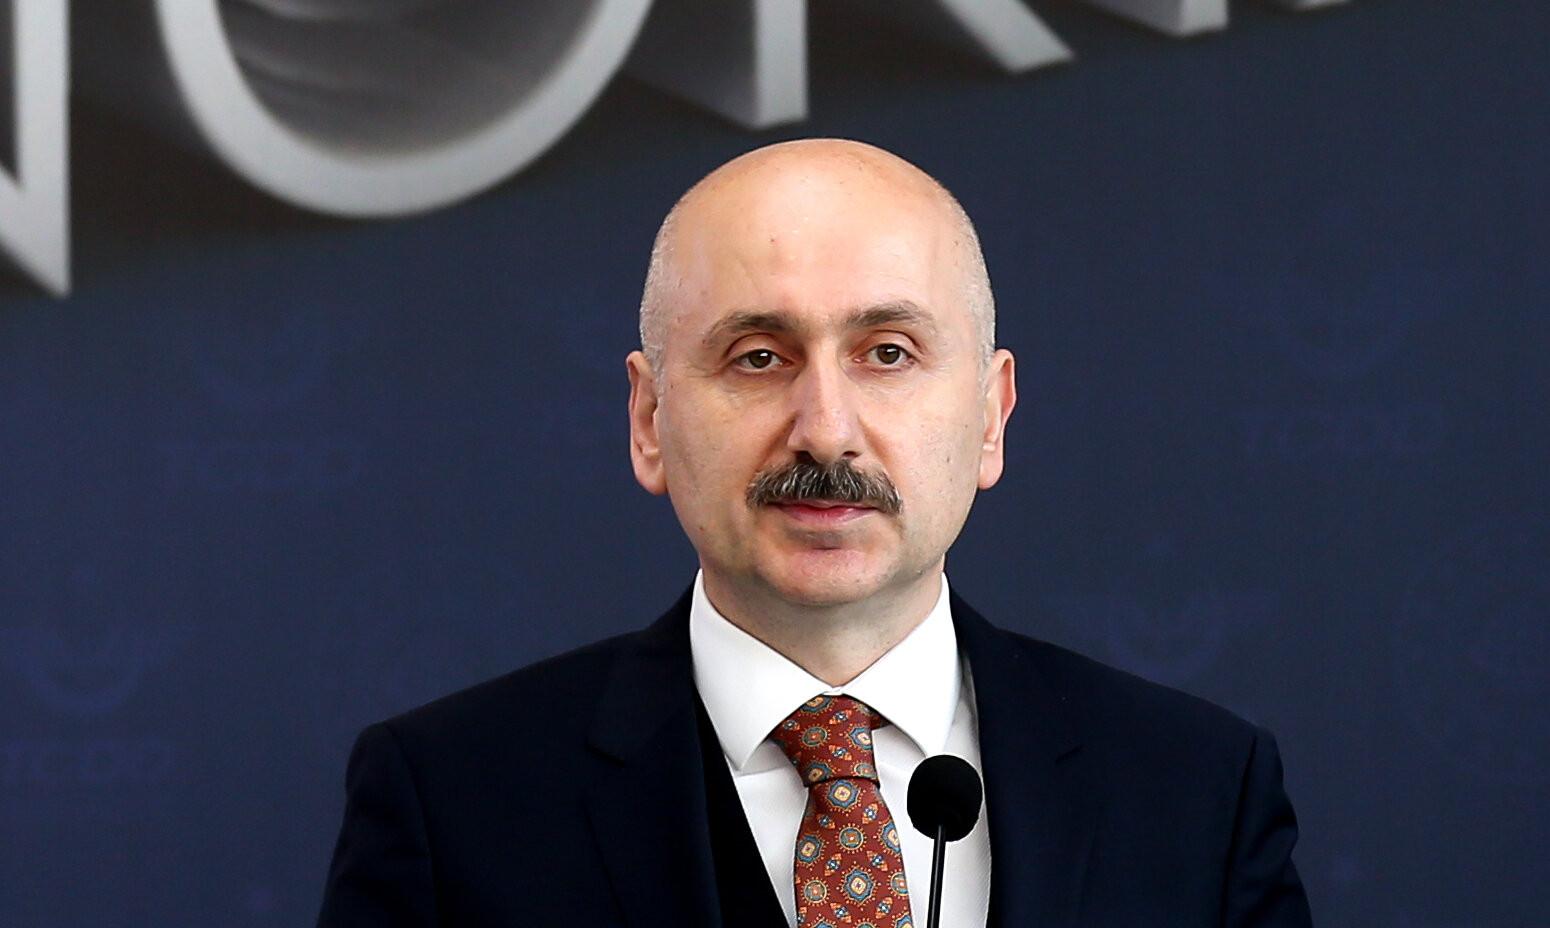 Ulaştırma Bakanı: 5B uydusuyla internet hızı 56 gigabayta çıkacak